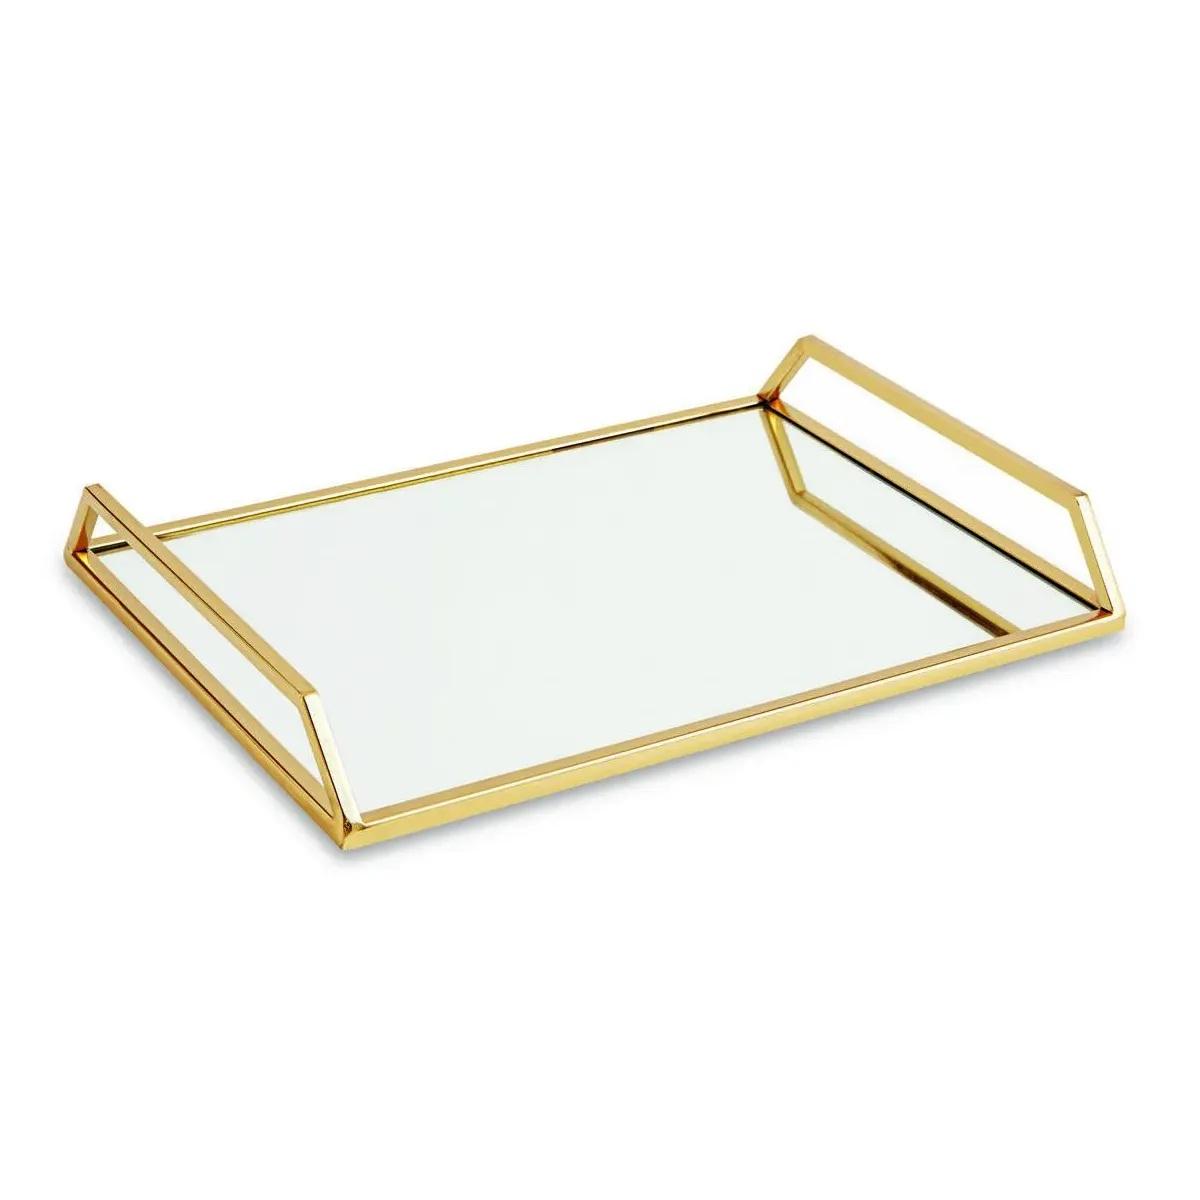 Bandeja dourada com espelho 37,5 cm